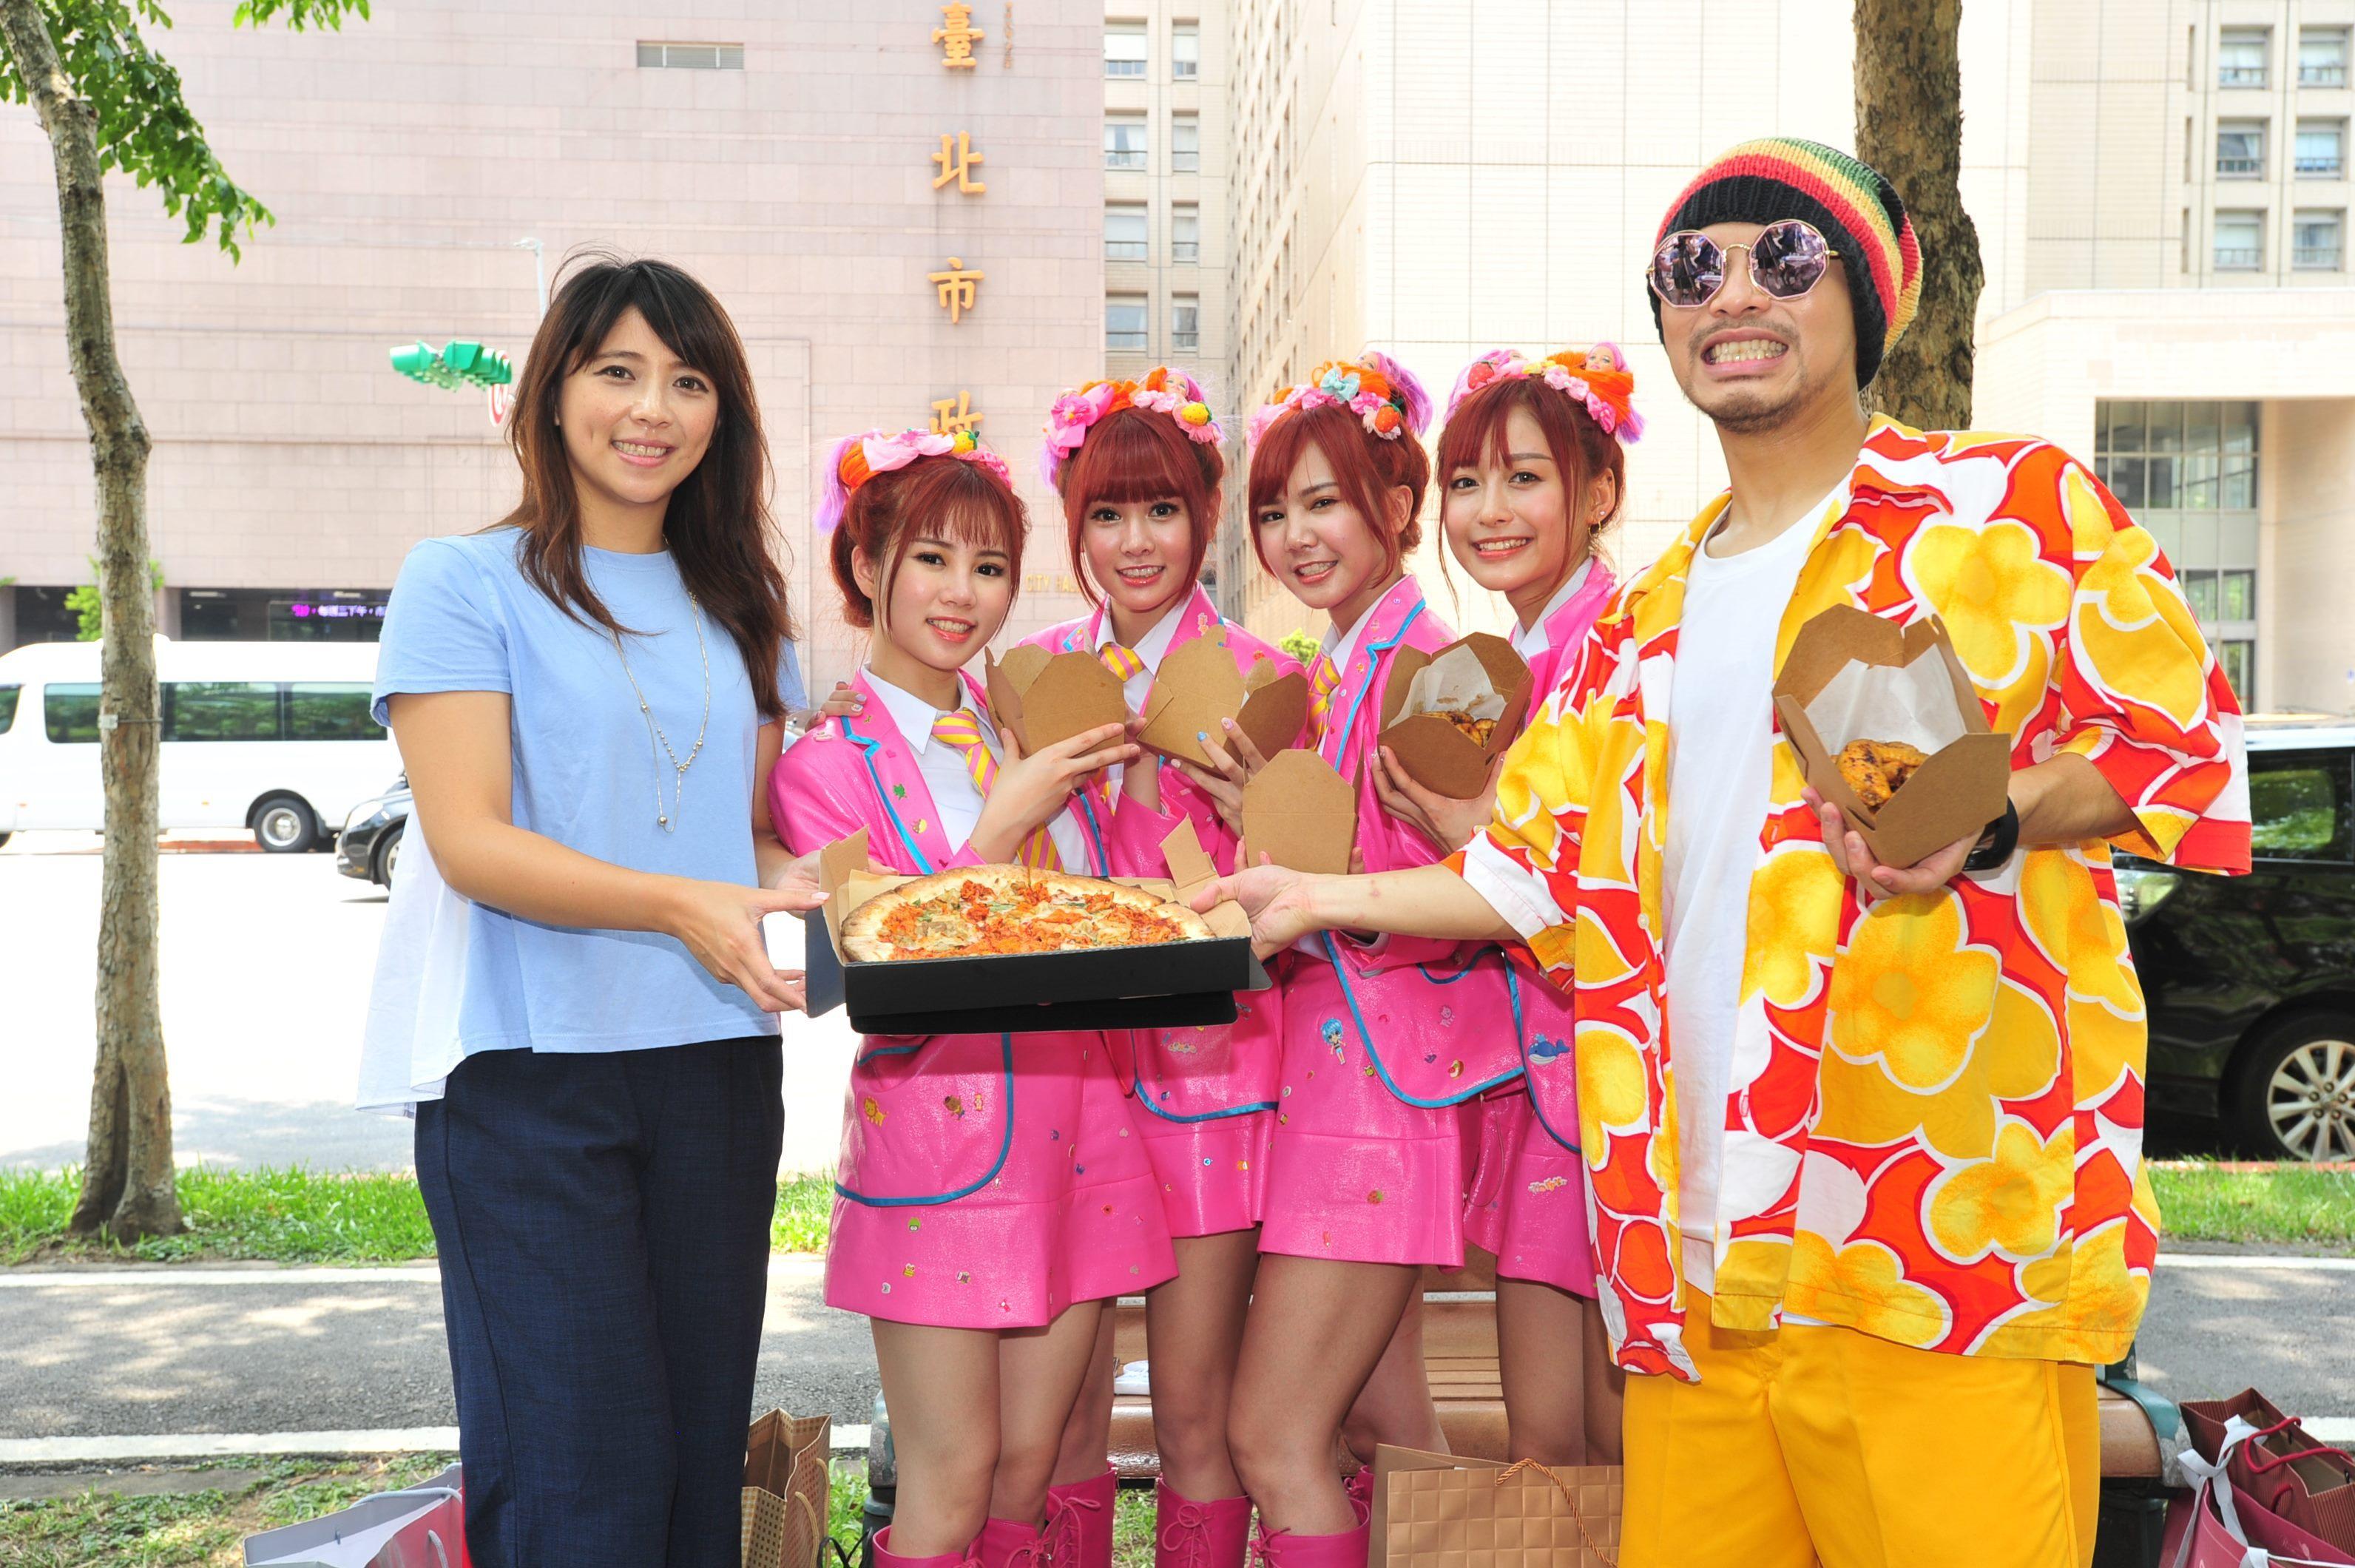 黃明志帶AMOi-AMOi團員在臺北拍攝宣傳影片,左為觀傳局長陳思宇